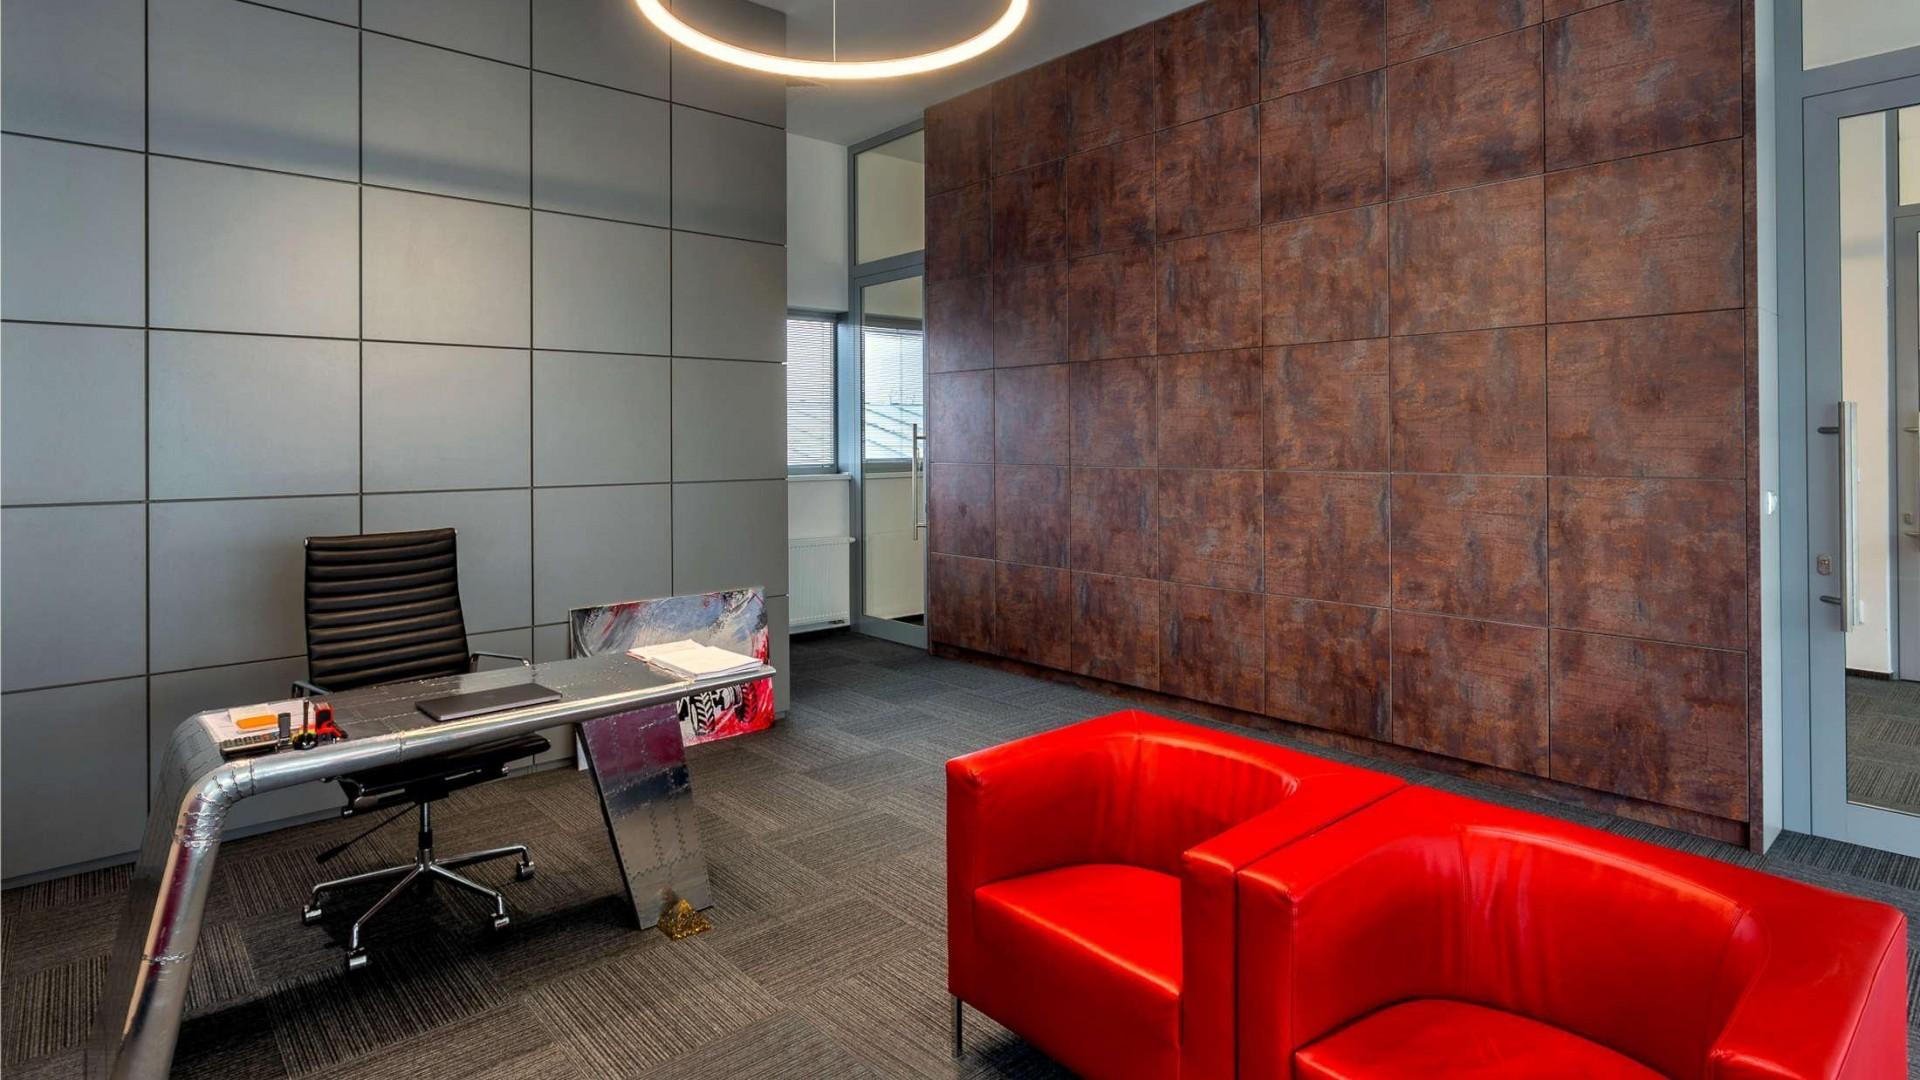 kancelarsky-nabytok-obchodne-priestory-vejo-agropark-web-(9)u.jpg